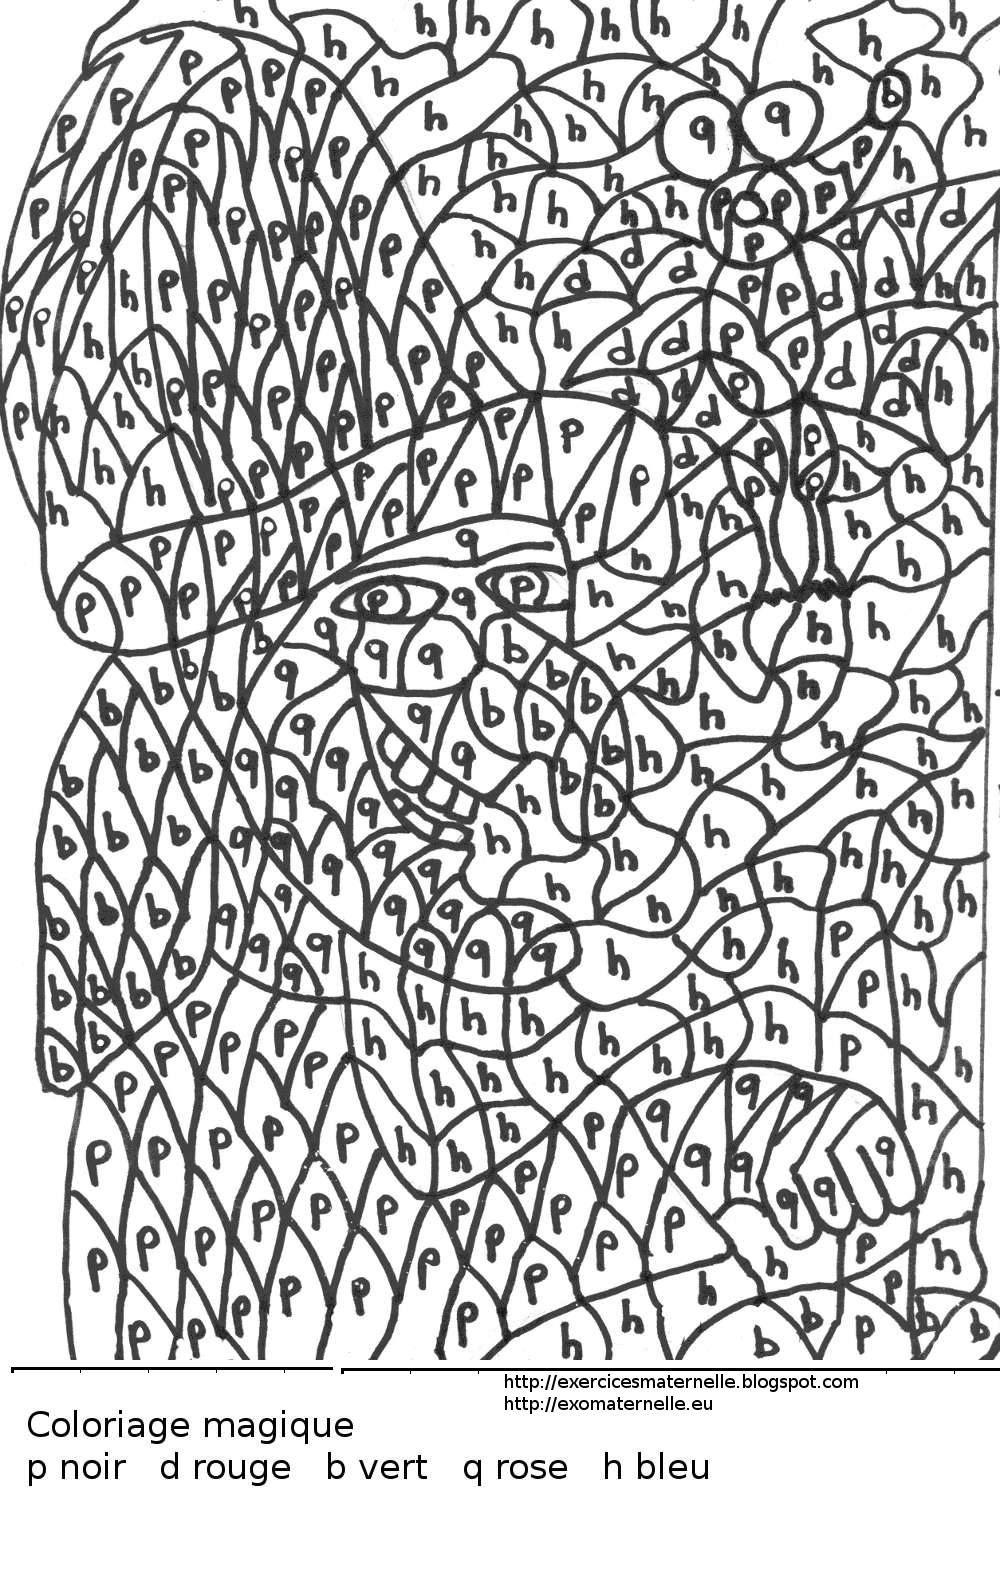 Maternelle ah les bonnes soupes sorci res coloring pages for teenagers coloring pages et - Livre coloriage magique maternelle ...